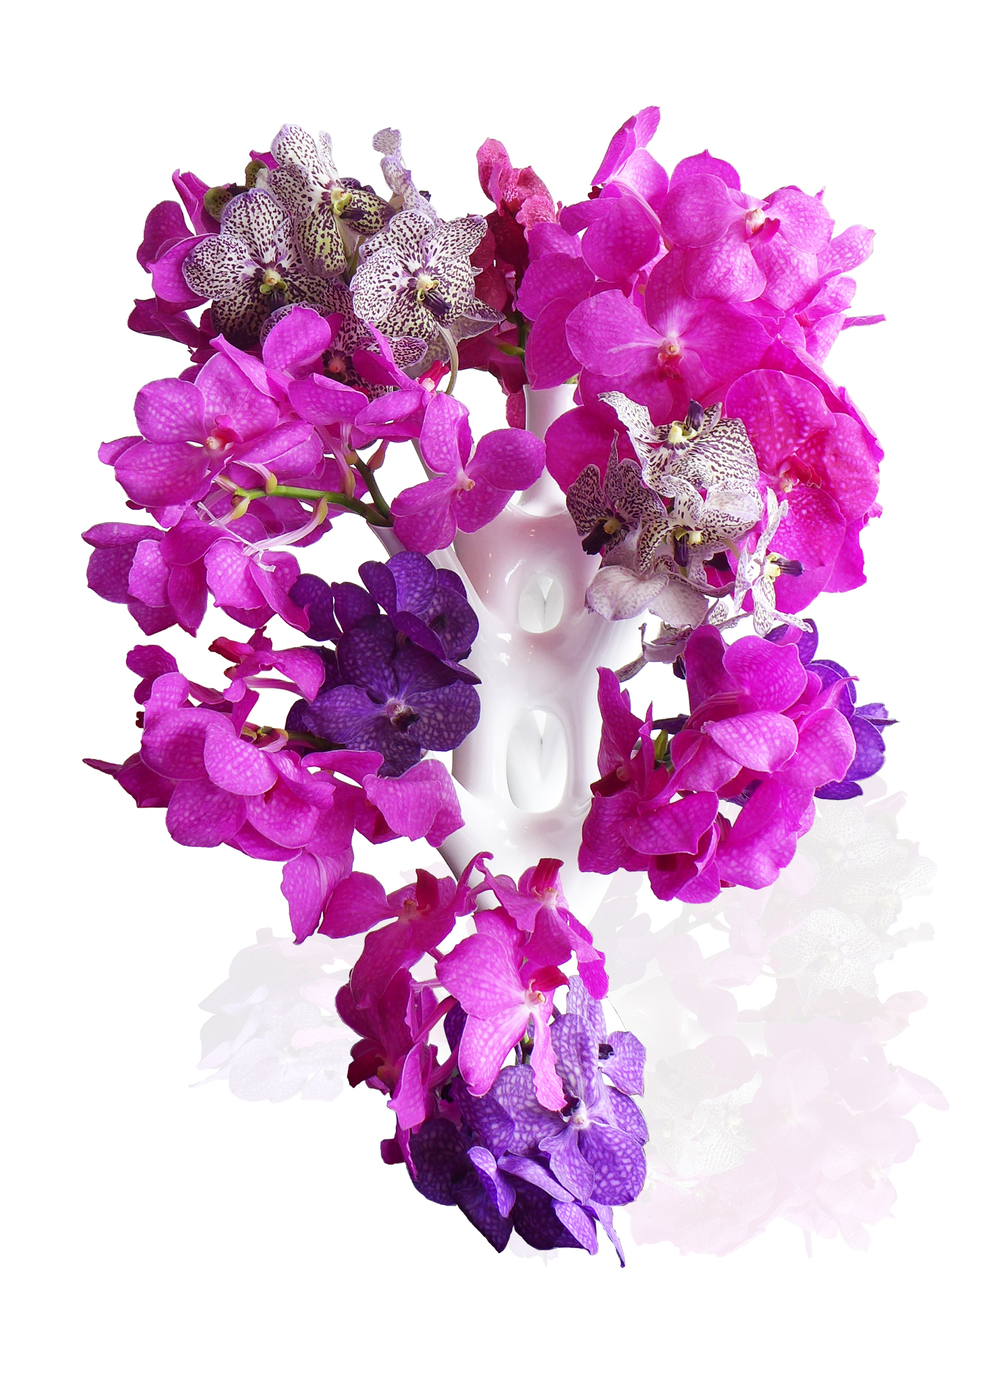 CORAL-13-Floral.jpg